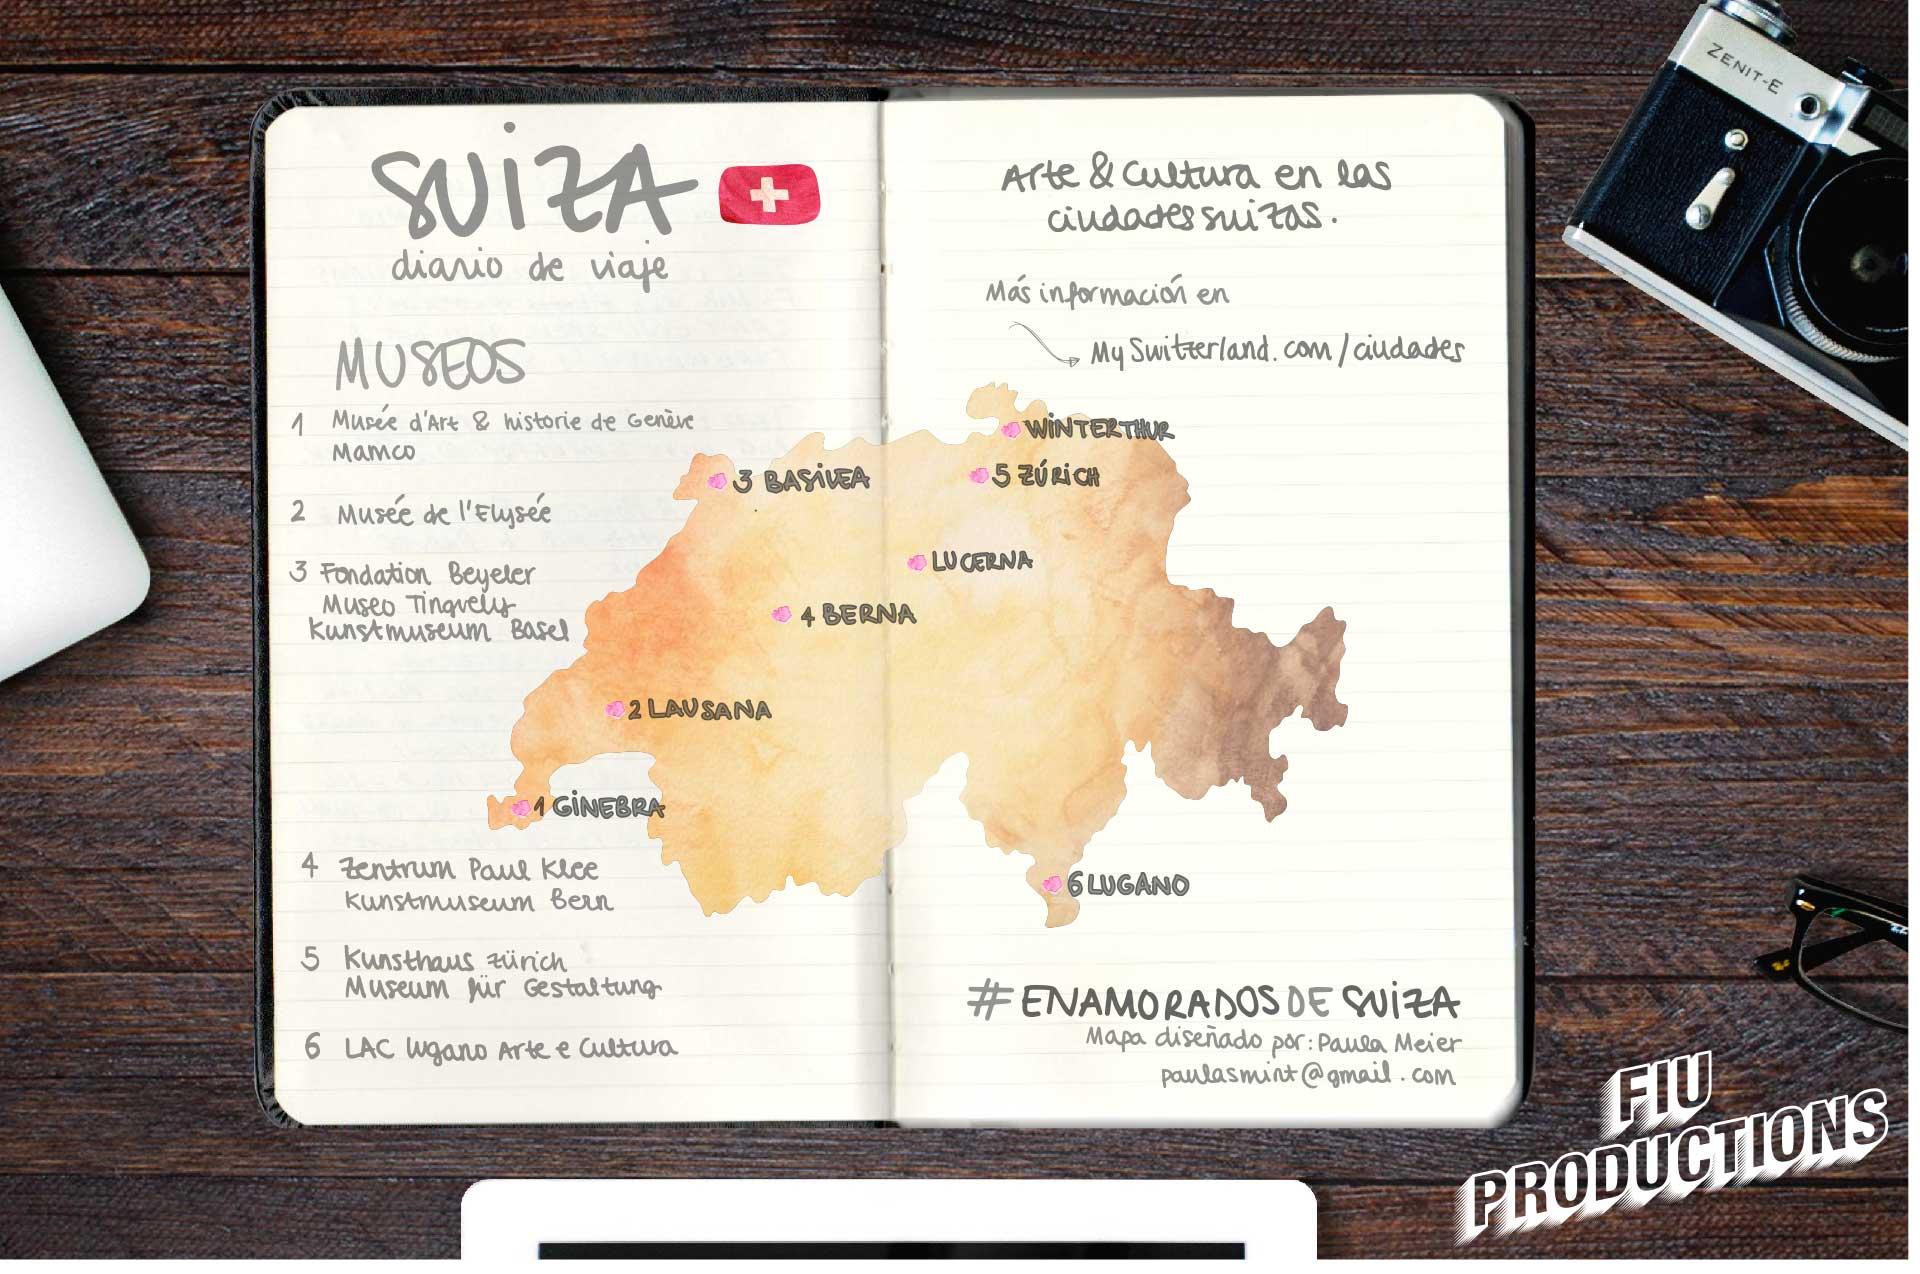 Paula Meier presentó este cuaderno de viaje artesanal para conectar con los viajeros más románticos.